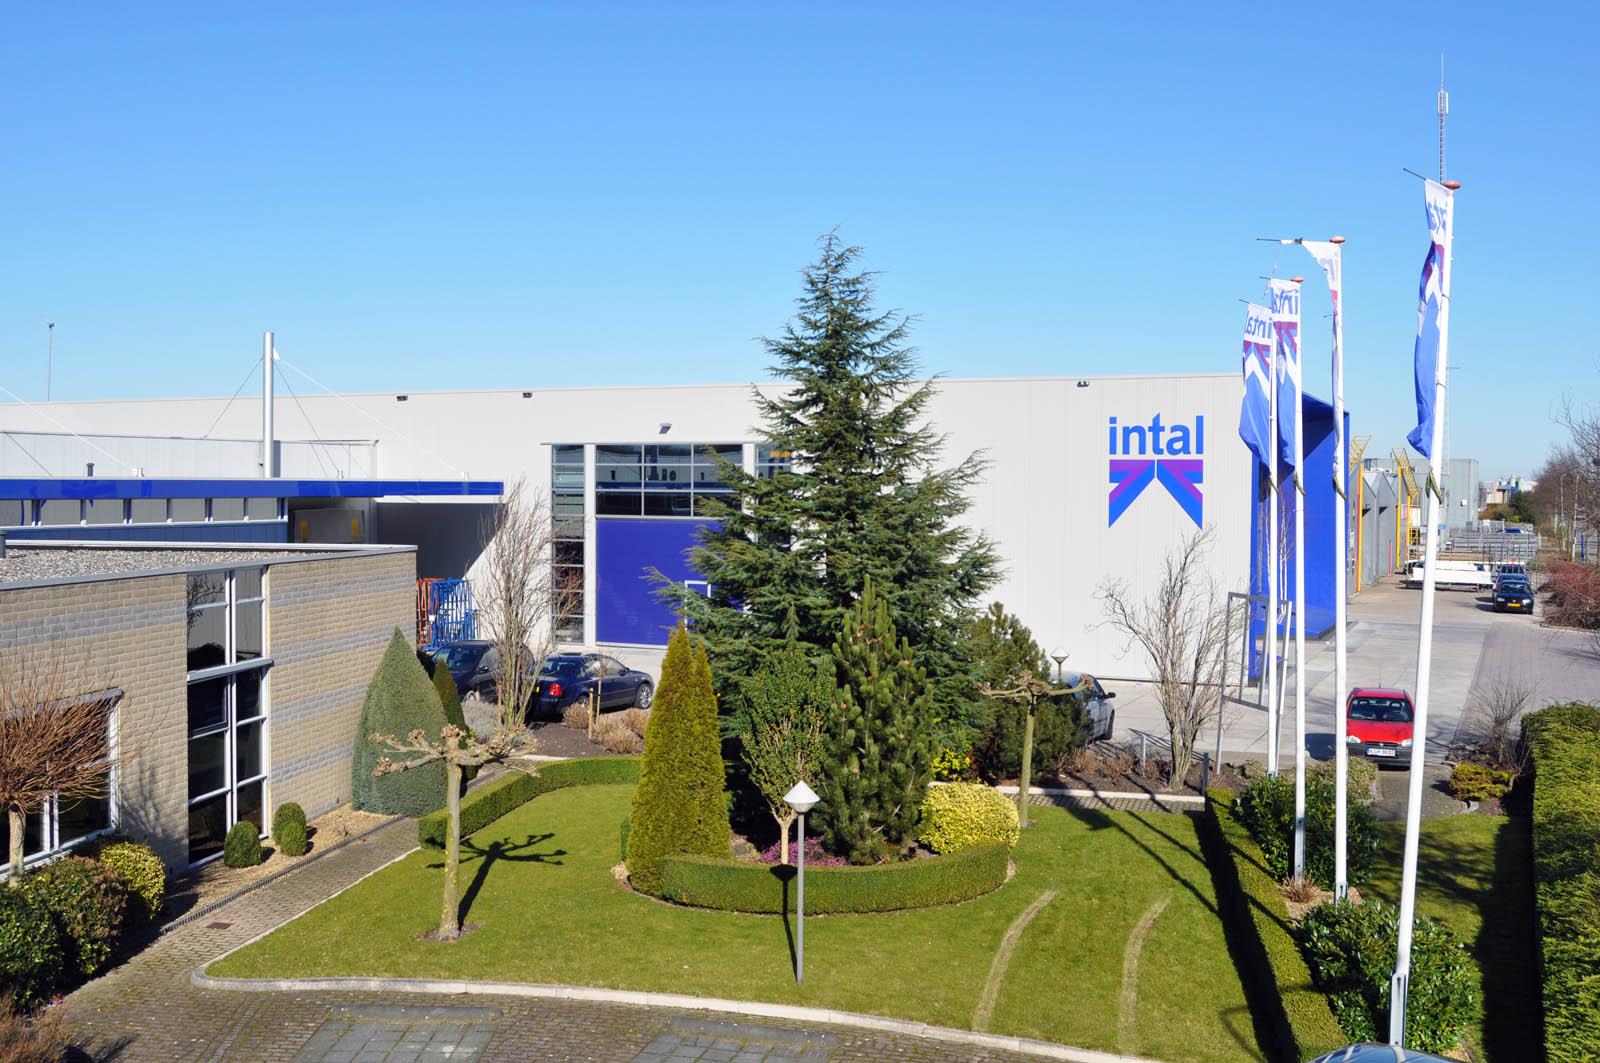 Garden, Office building Intal, by Jeroen de Nijs